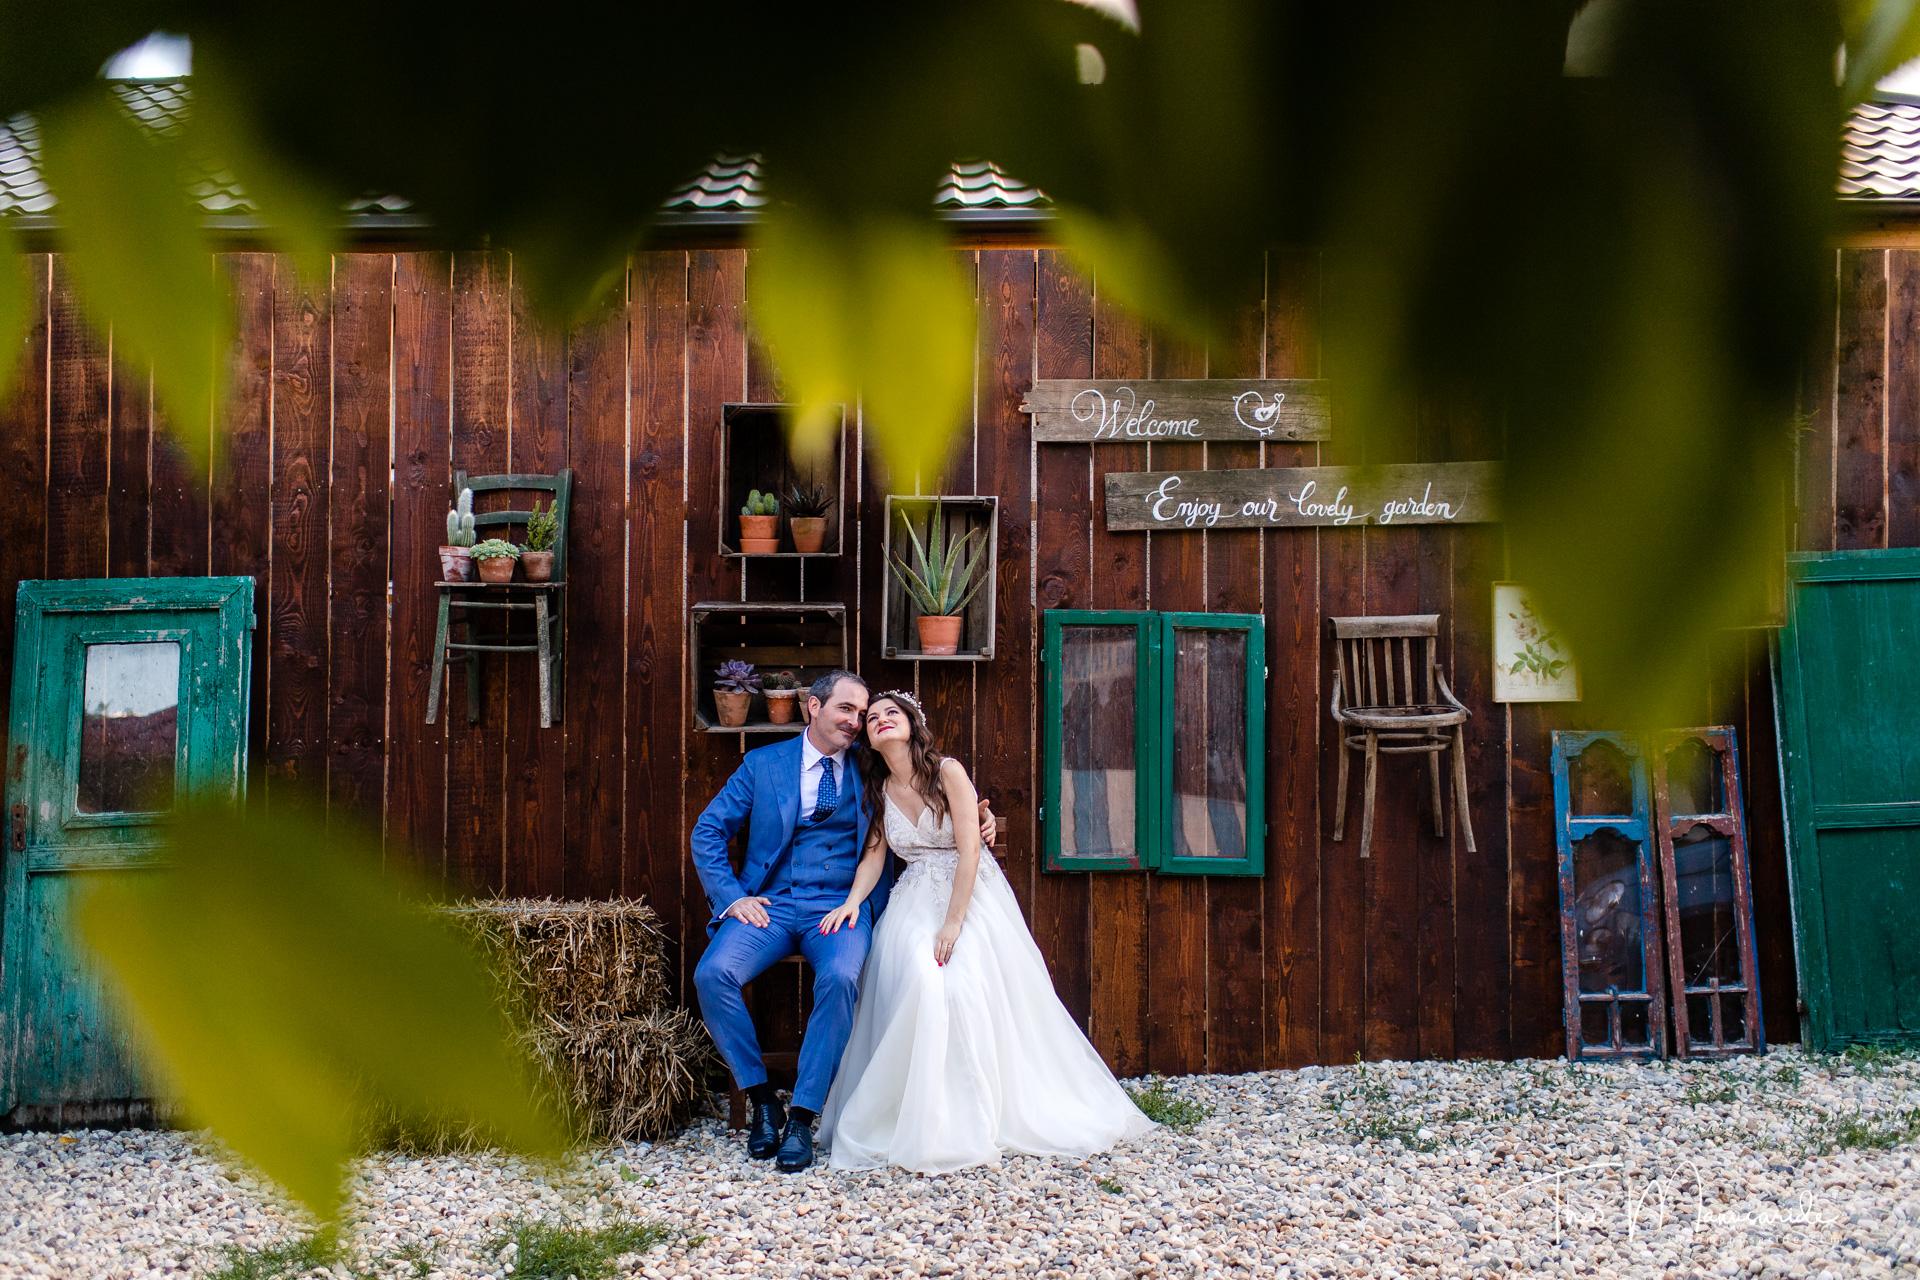 fotograf-nunta-the-wedding-house-21